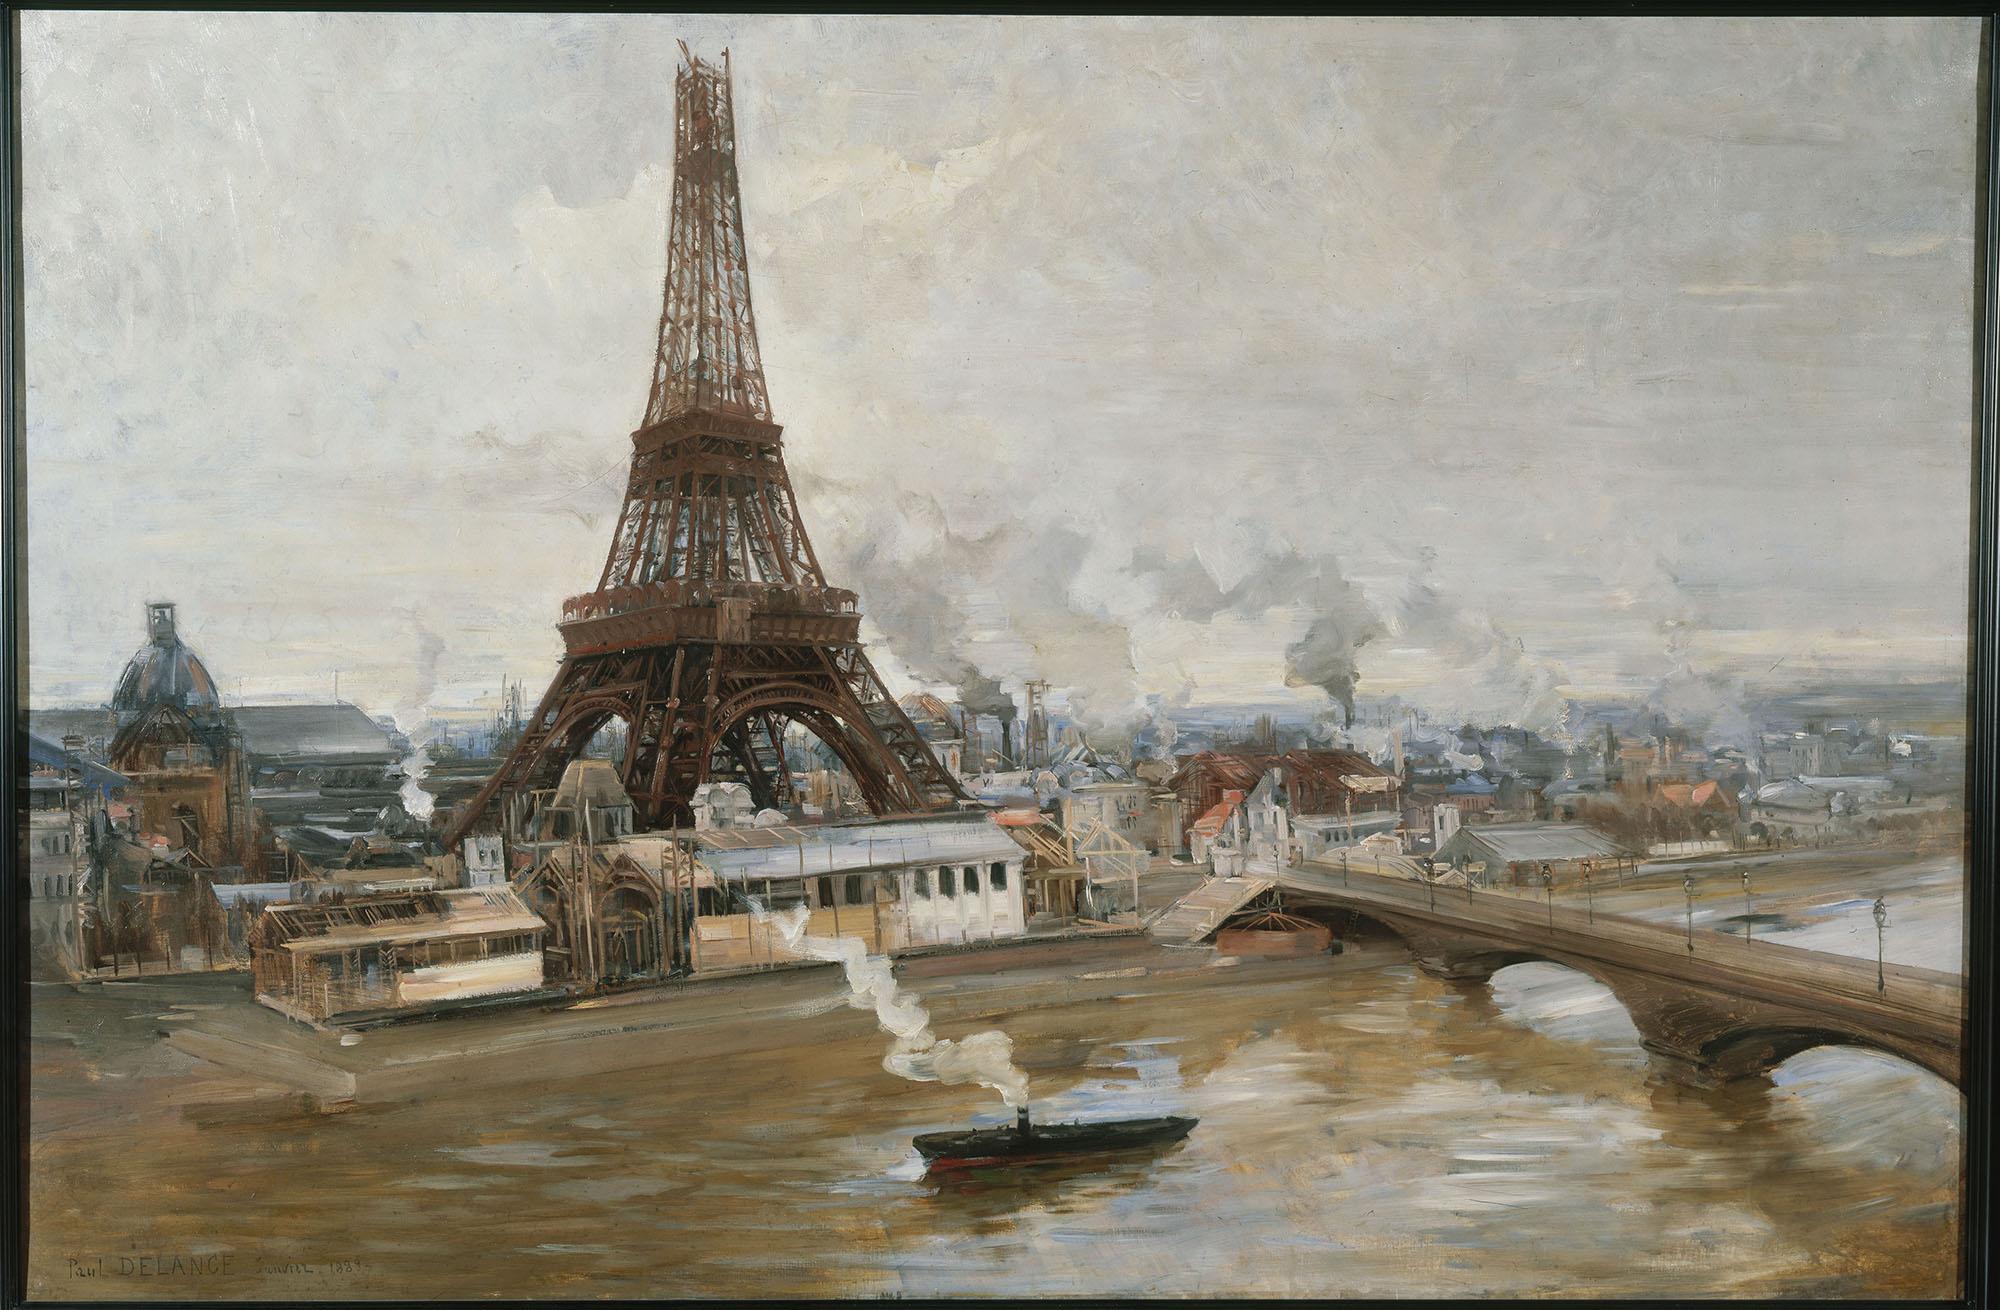 Поль-Луи Делонс. Строительство Эйфелевой башни. 1888